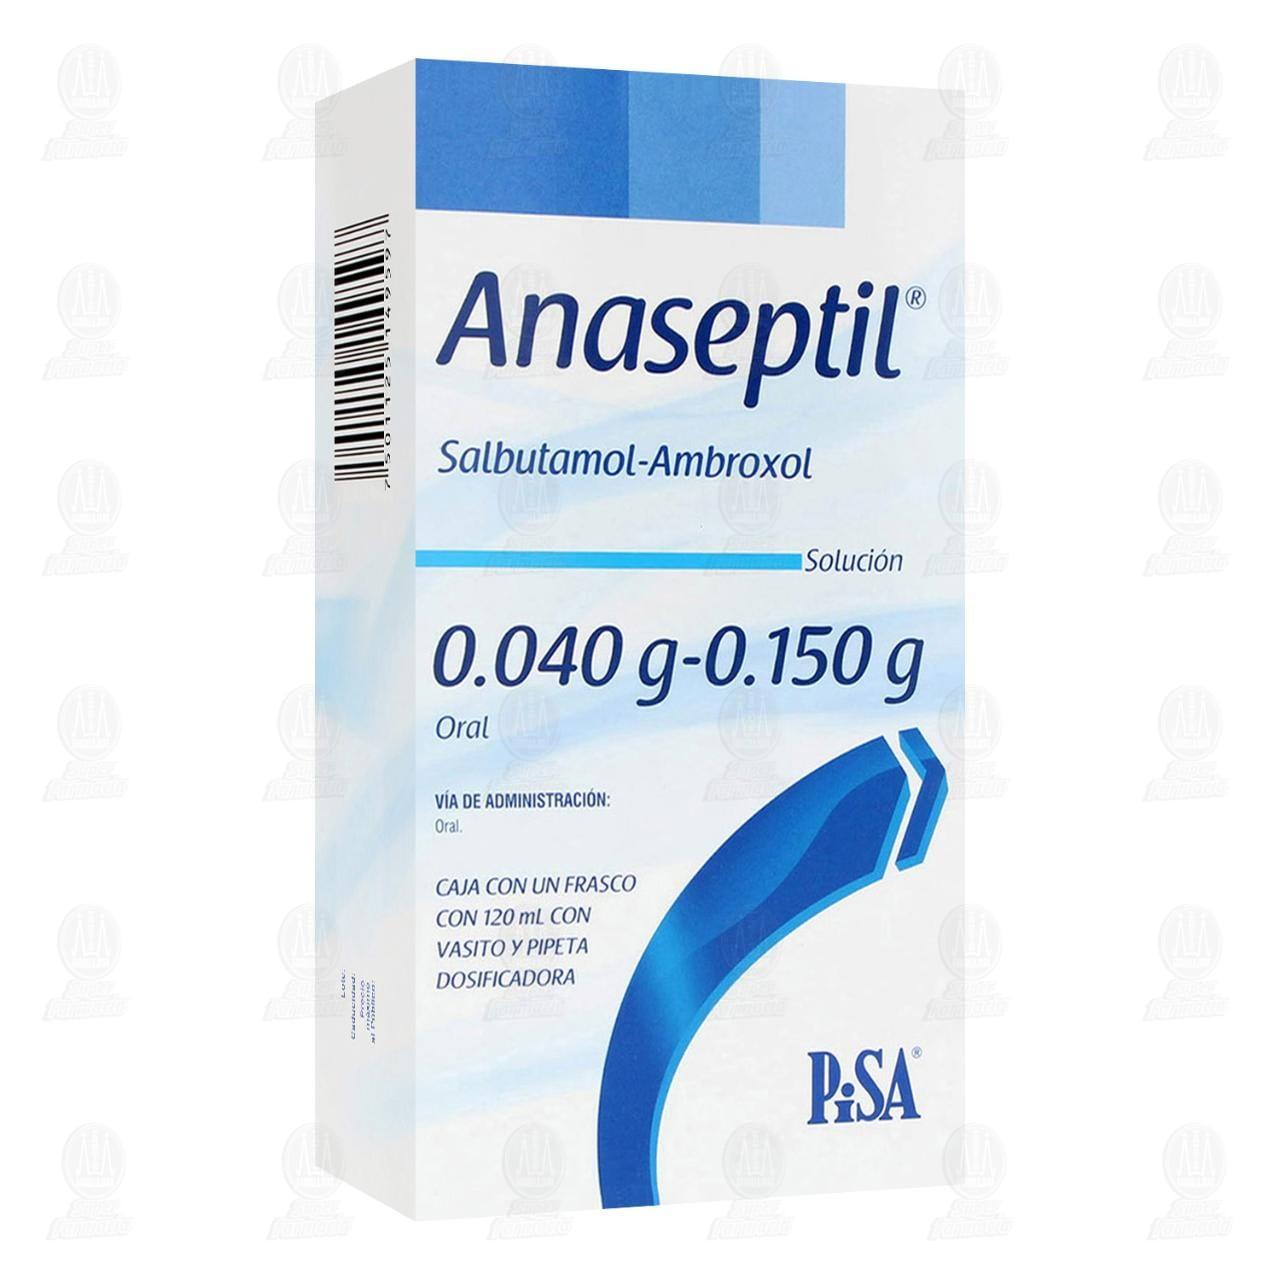 comprar https://www.movil.farmaciasguadalajara.com/wcsstore/FGCAS/wcs/products/1224387_A_1280_AL.jpg en farmacias guadalajara